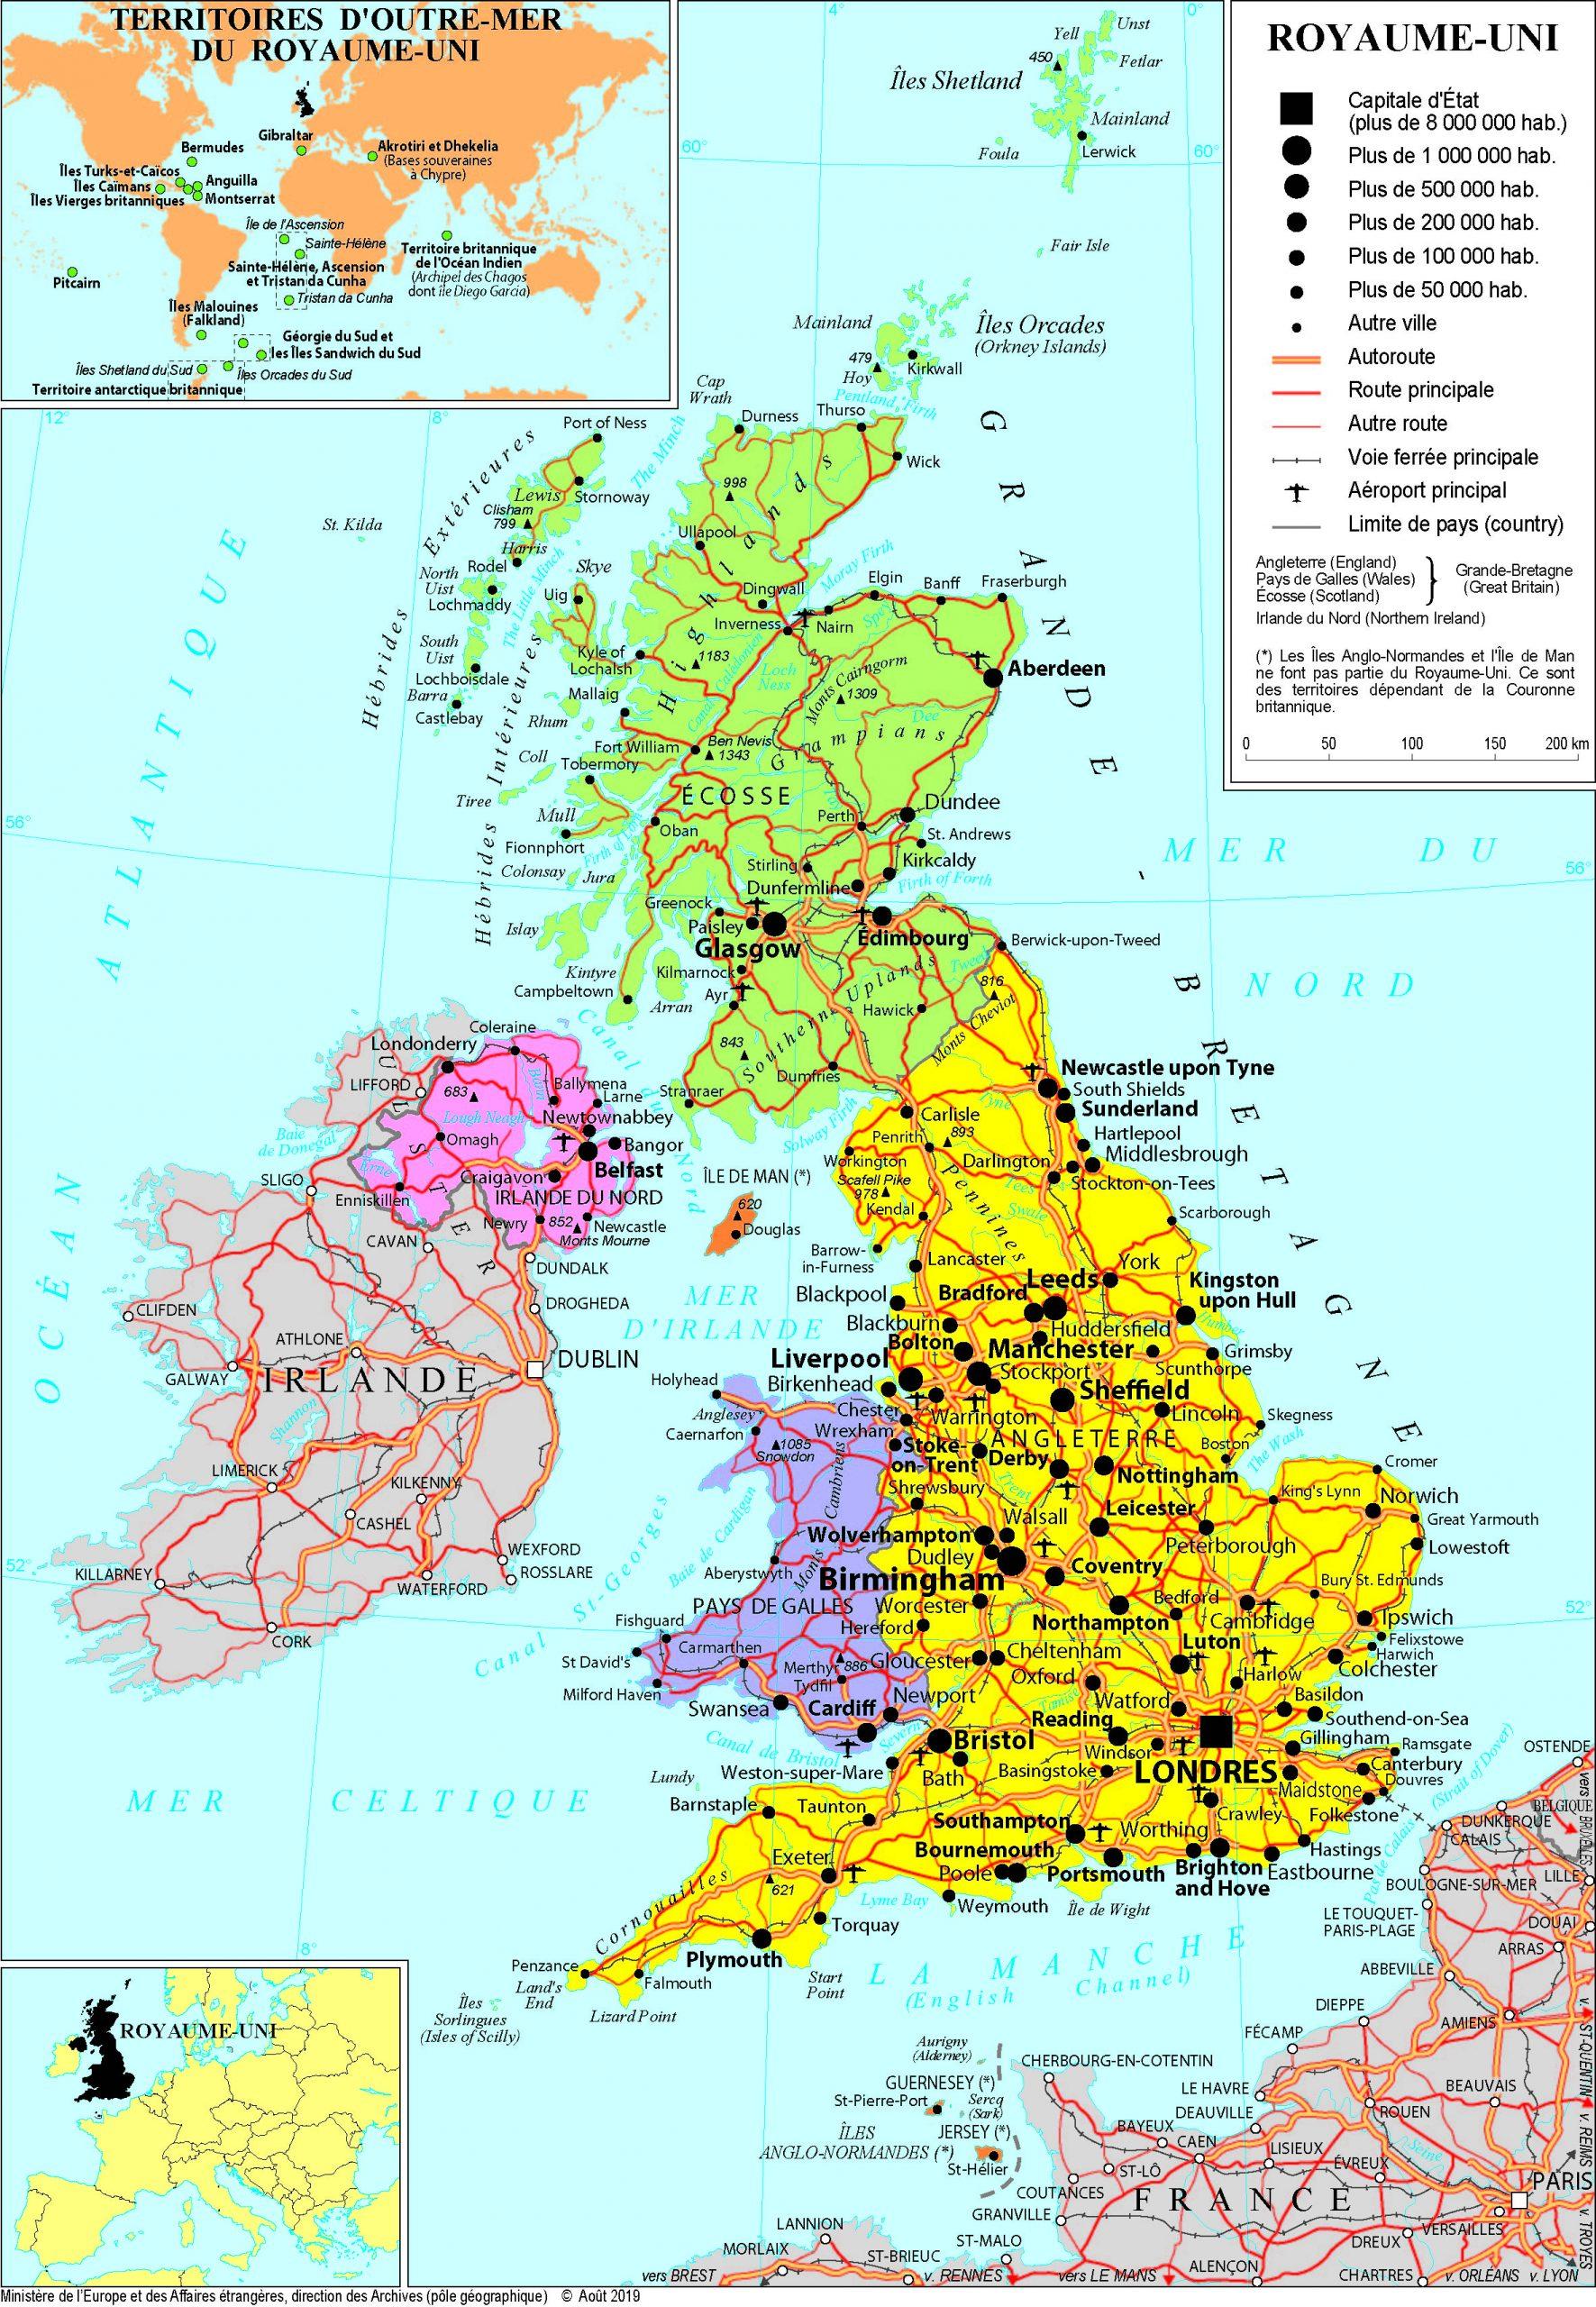 Présentation Du Royaume-Uni - Ministère De L'europe Et Des destiné Tout Les Pays De L Union Européenne Et Leur Capital